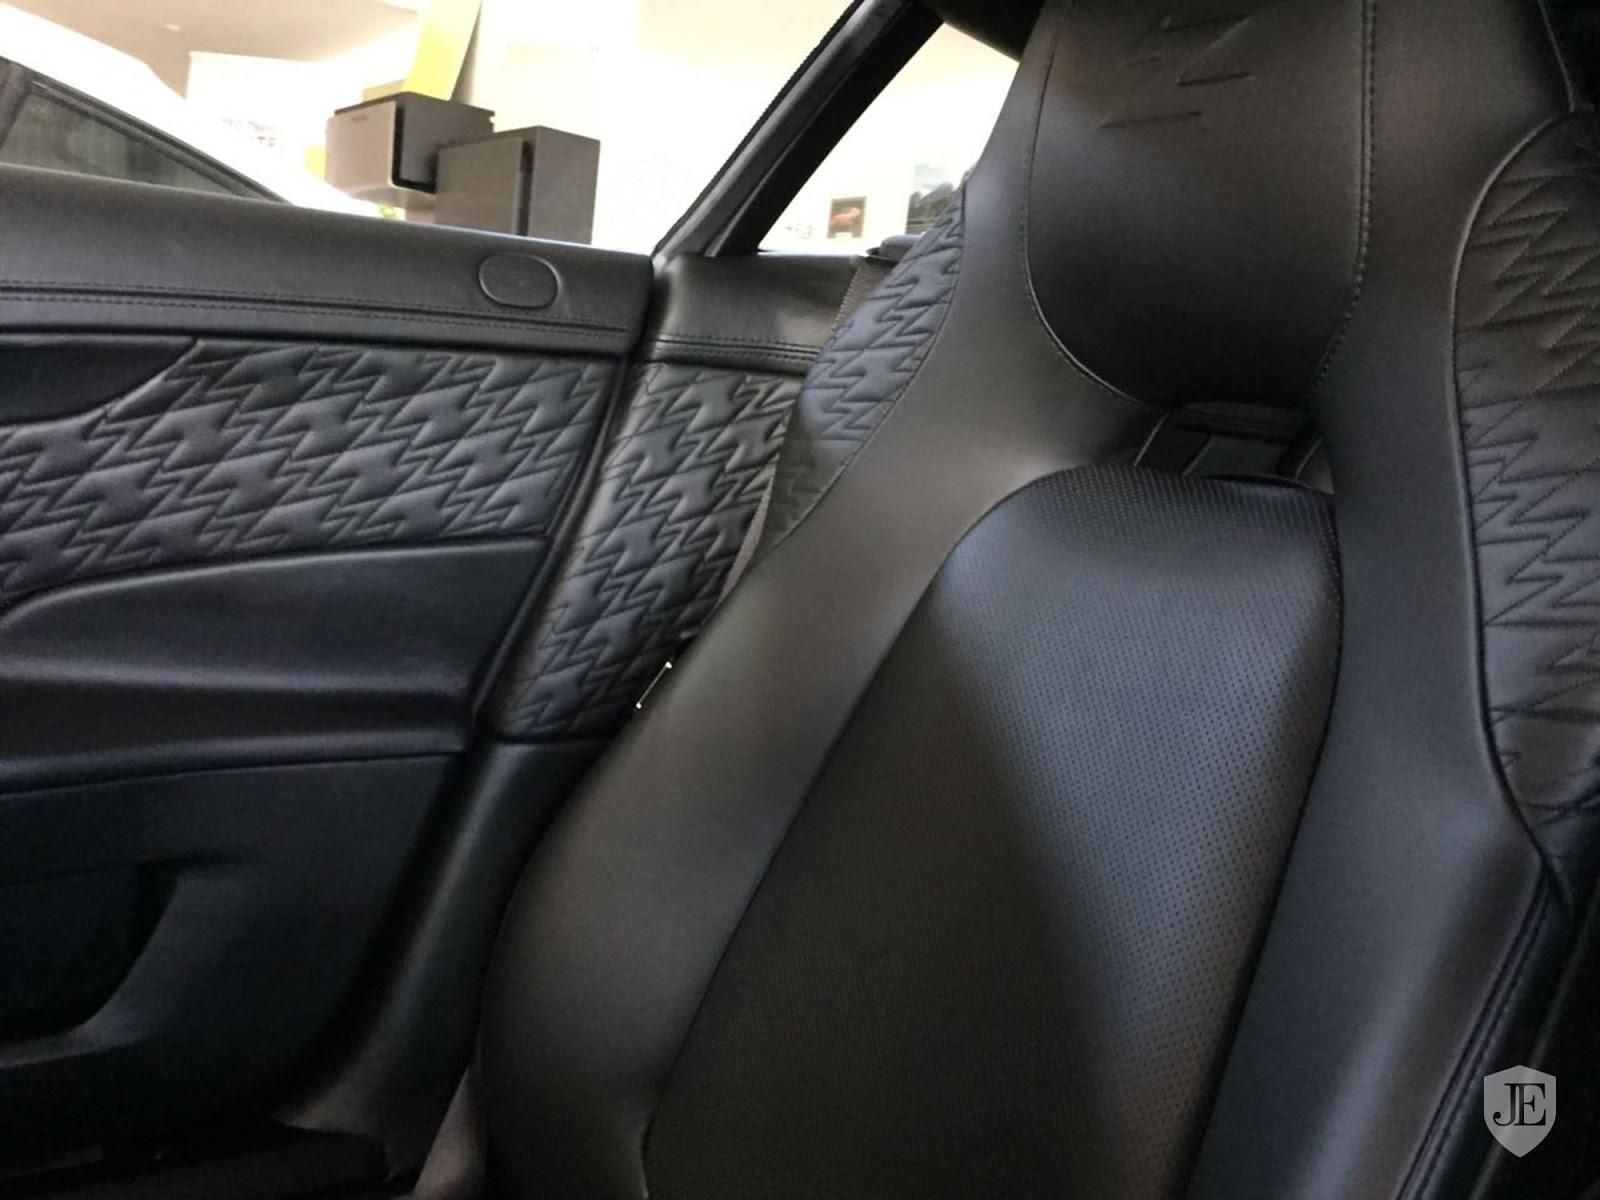 Aston Martin Vanquish Zagato yellow (6)